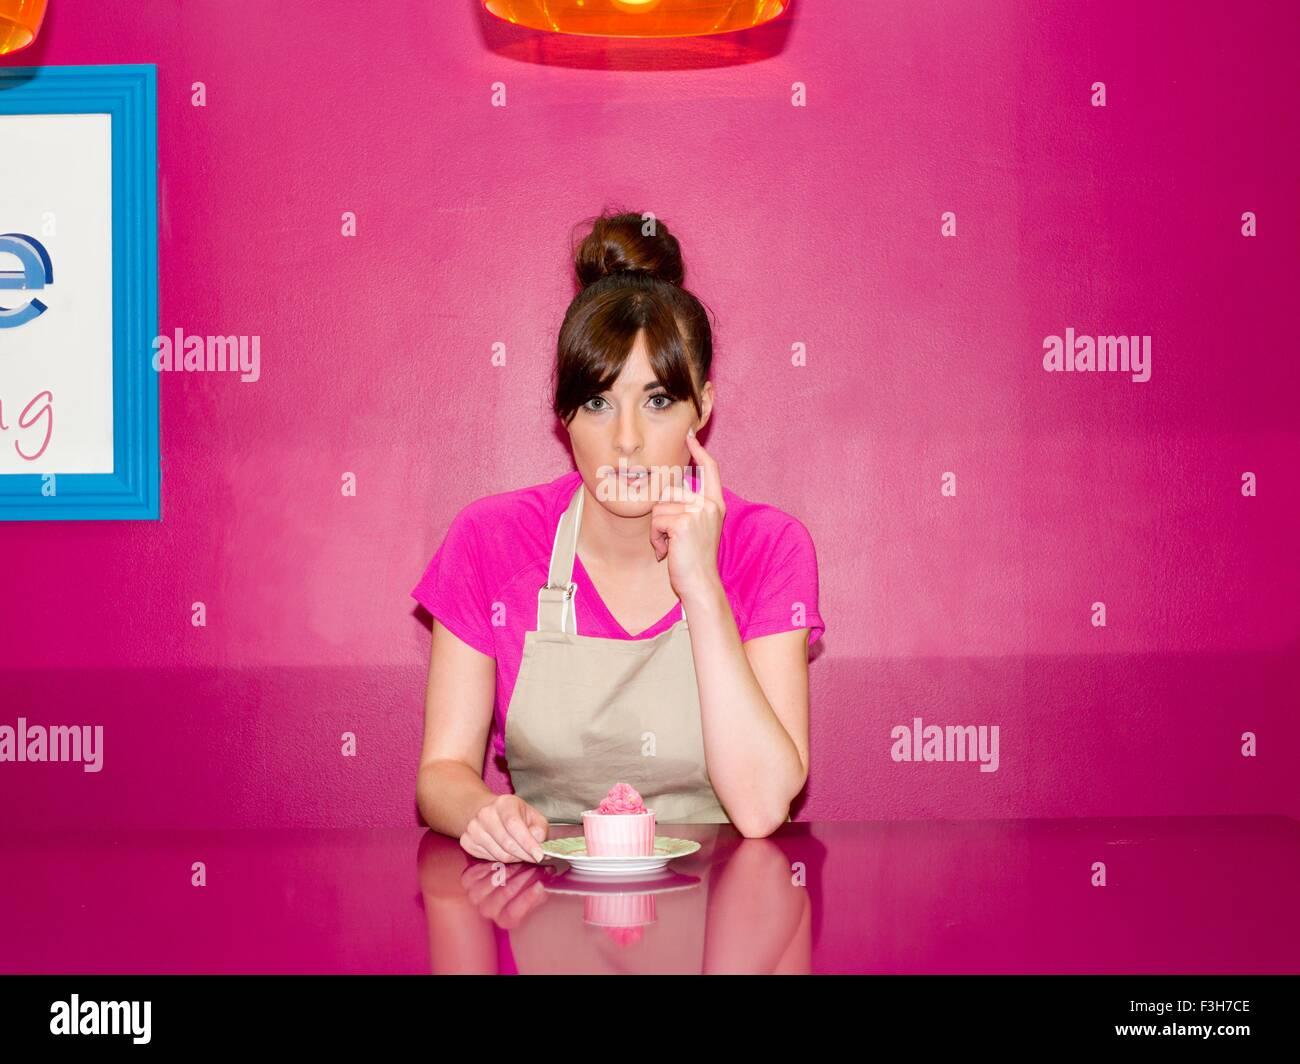 Junge Frau, arbeiten in der Konditorei mit Cupcake vor ihr sitzt Stockfoto